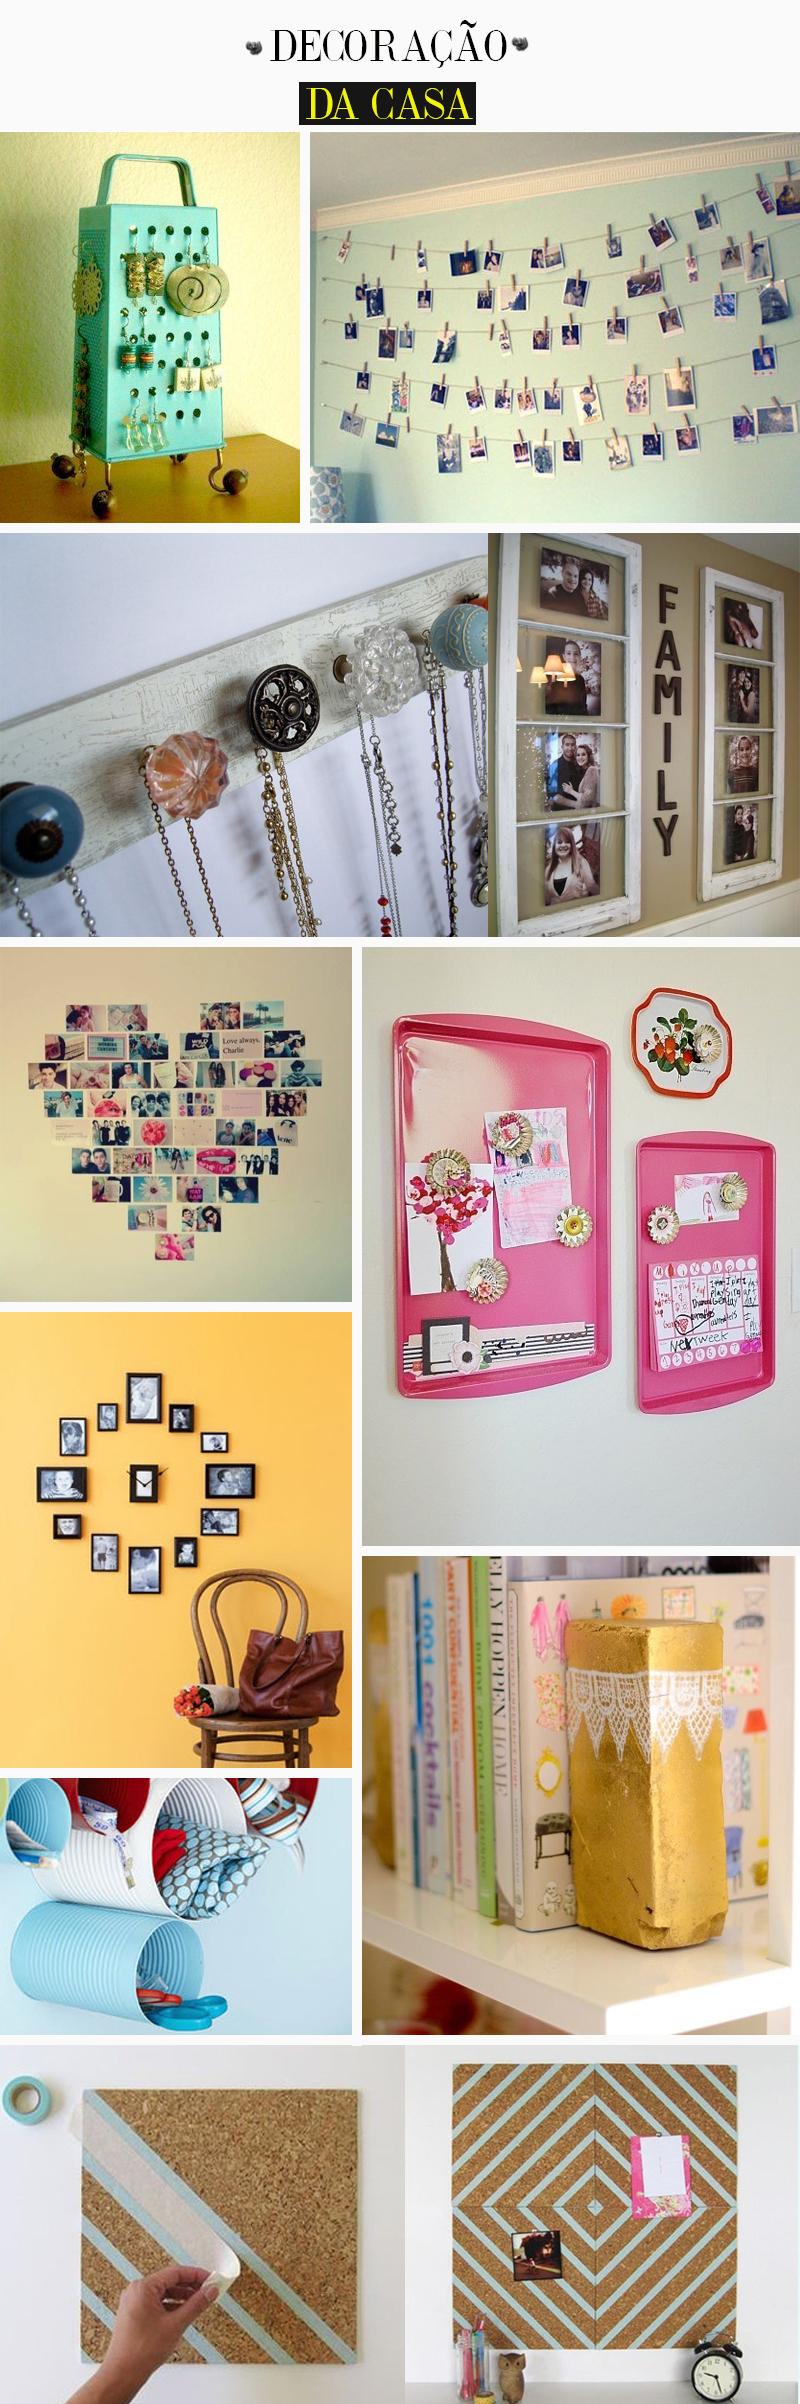 diy decoração da casa fácil com reaproveitamento de material